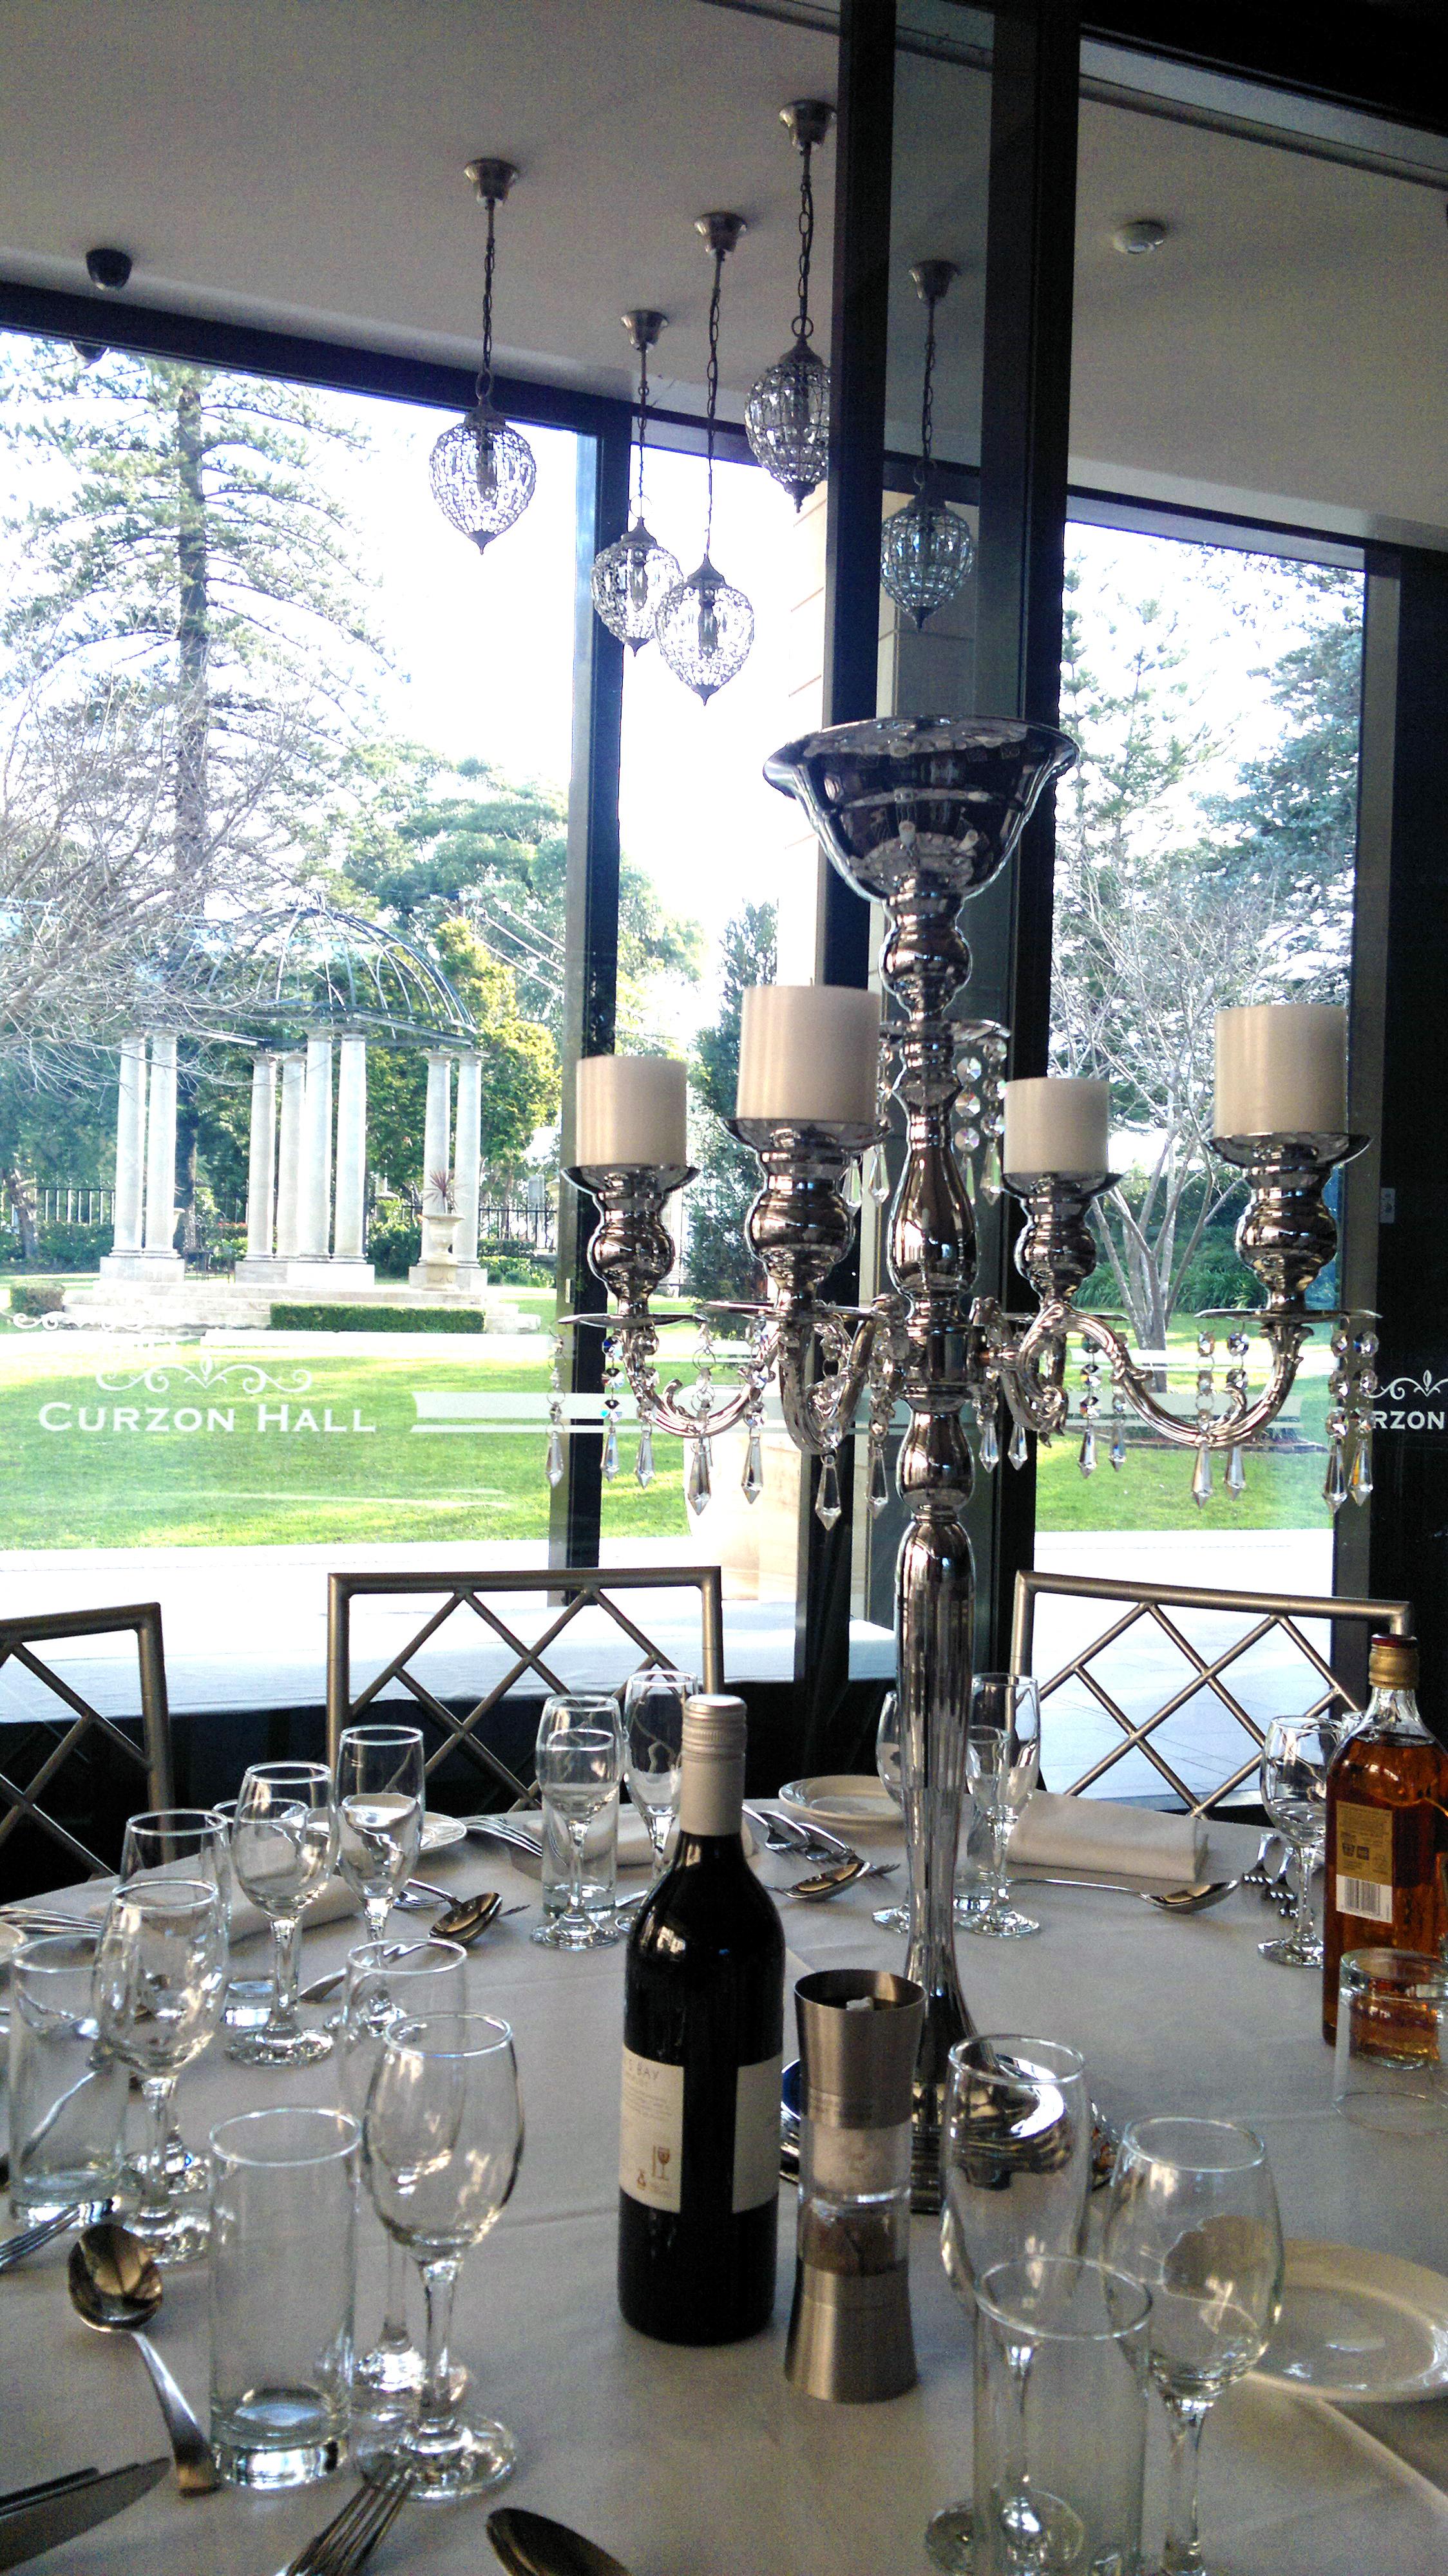 Chrome 5 arm candelabra at Curzon Hall 1